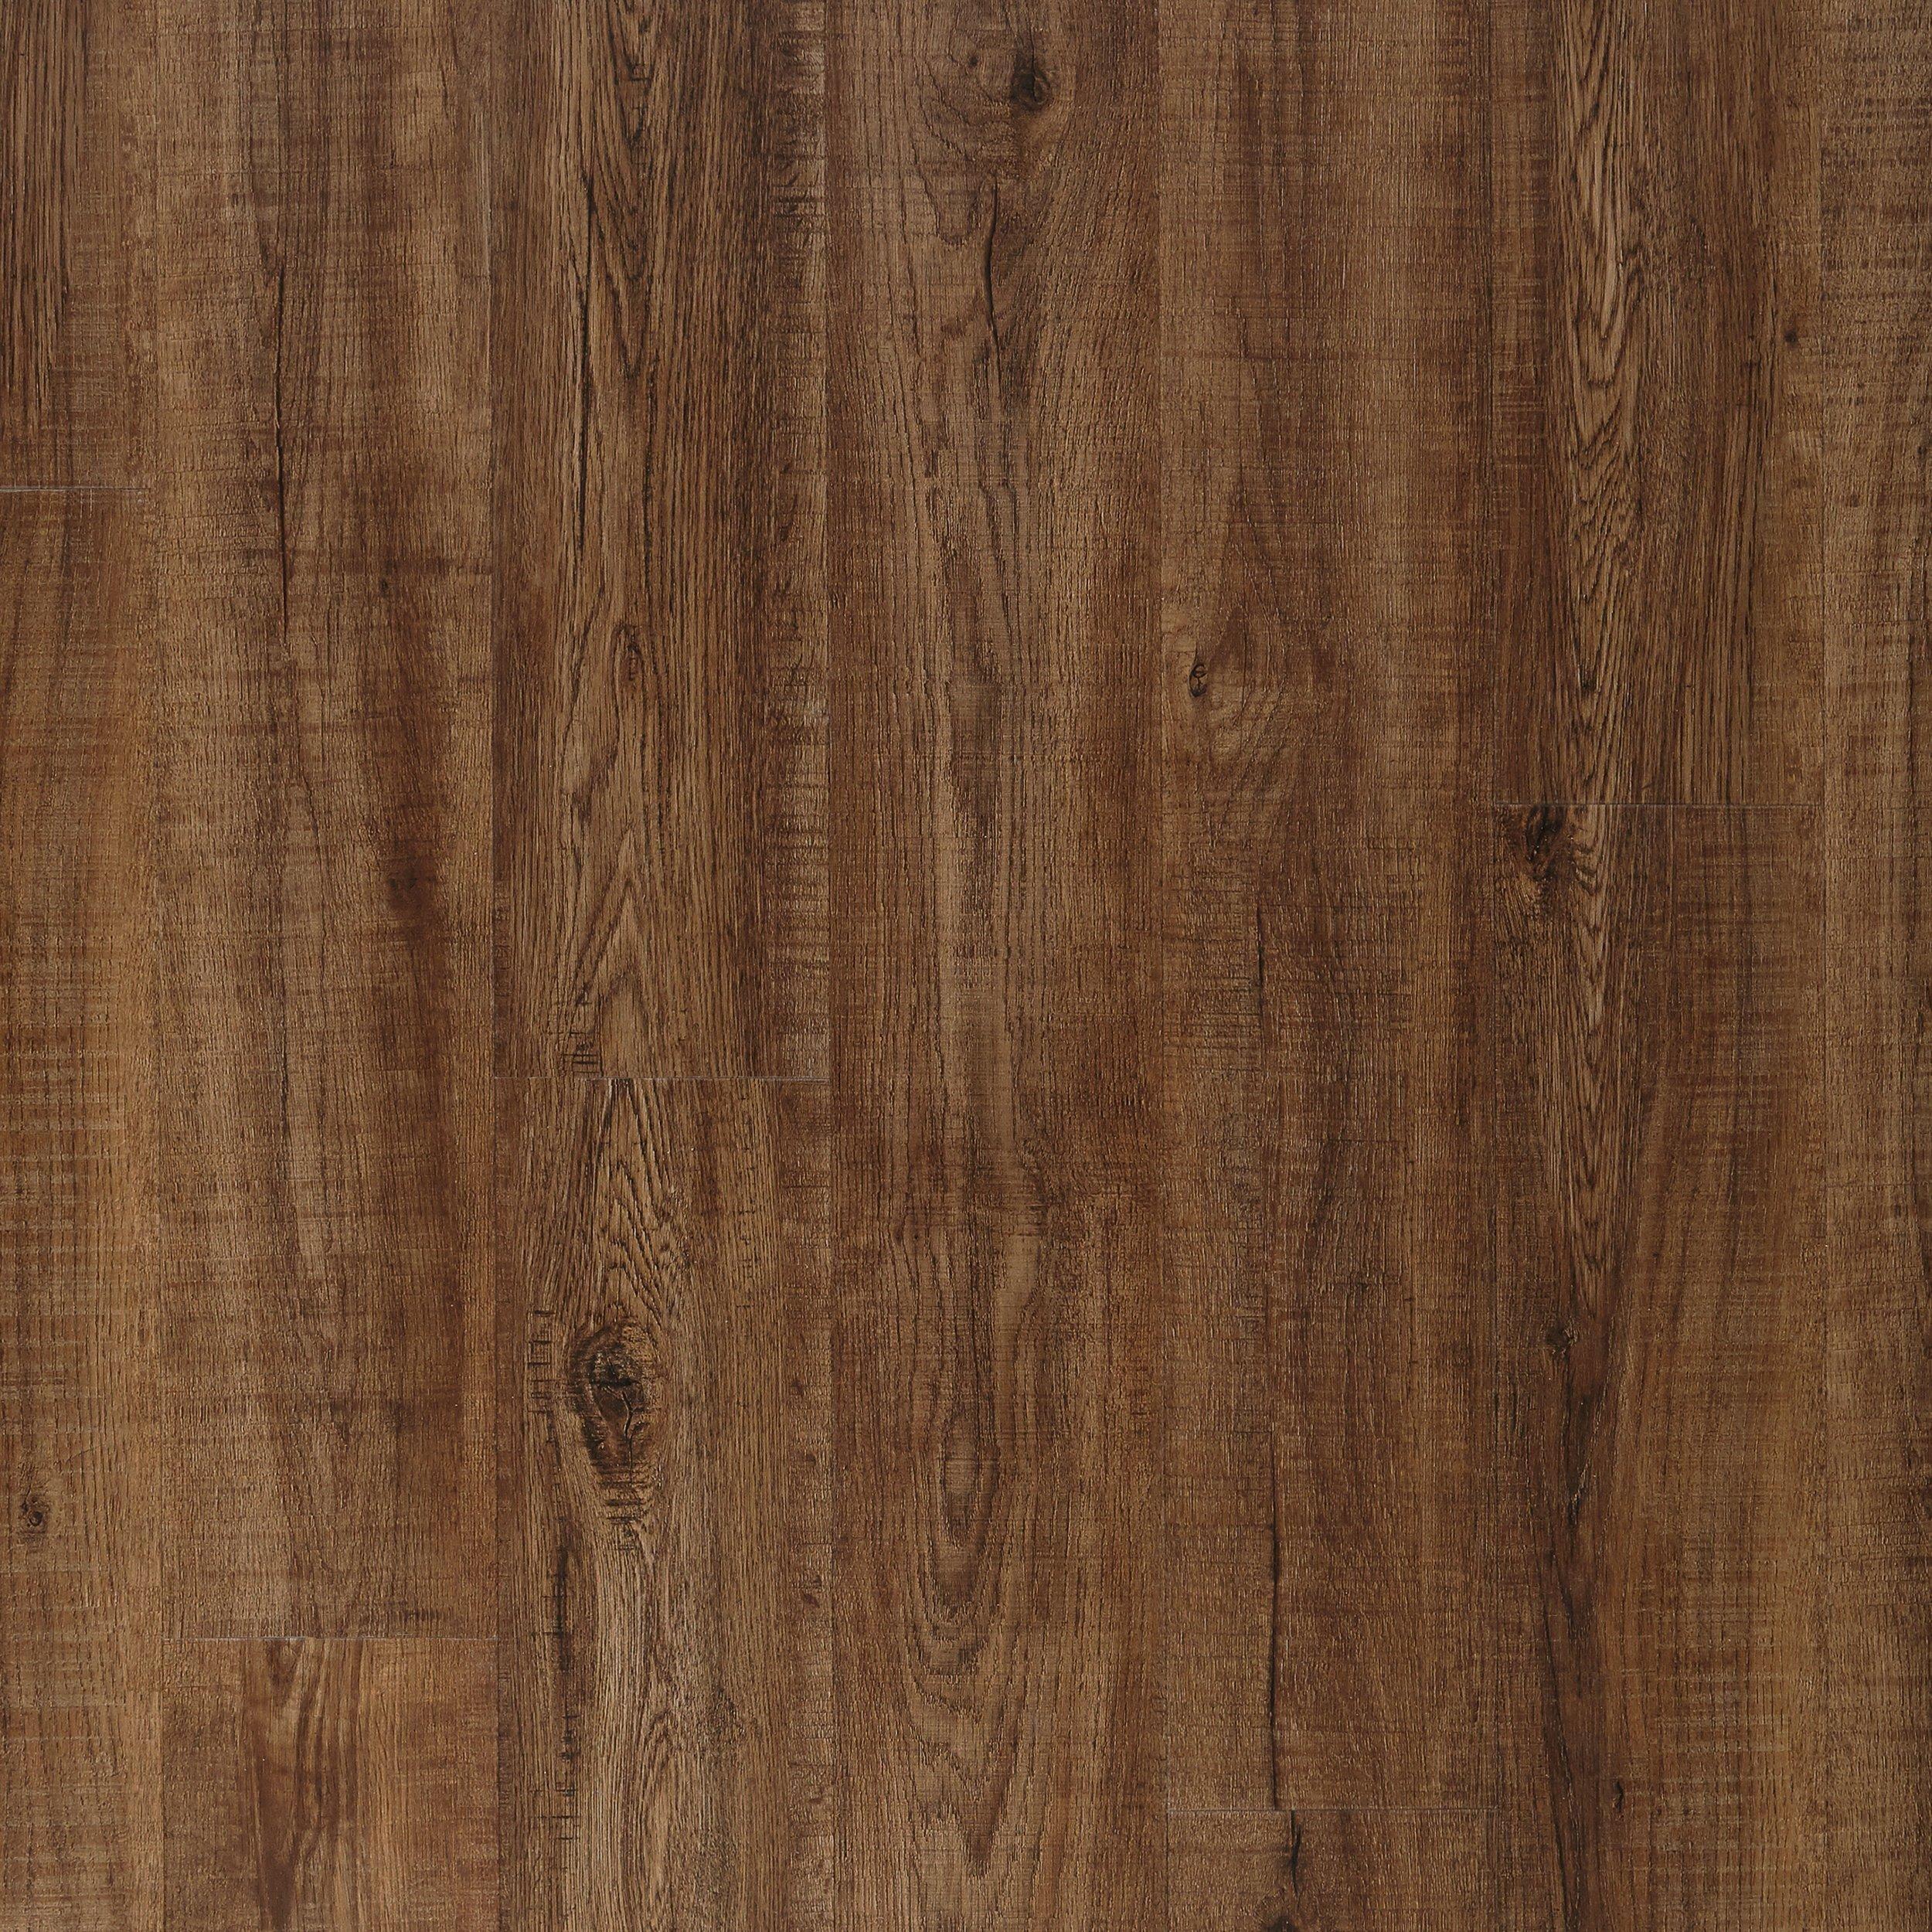 Coffee Oak Rigid Core Luxury Vinyl Plank Cork Back